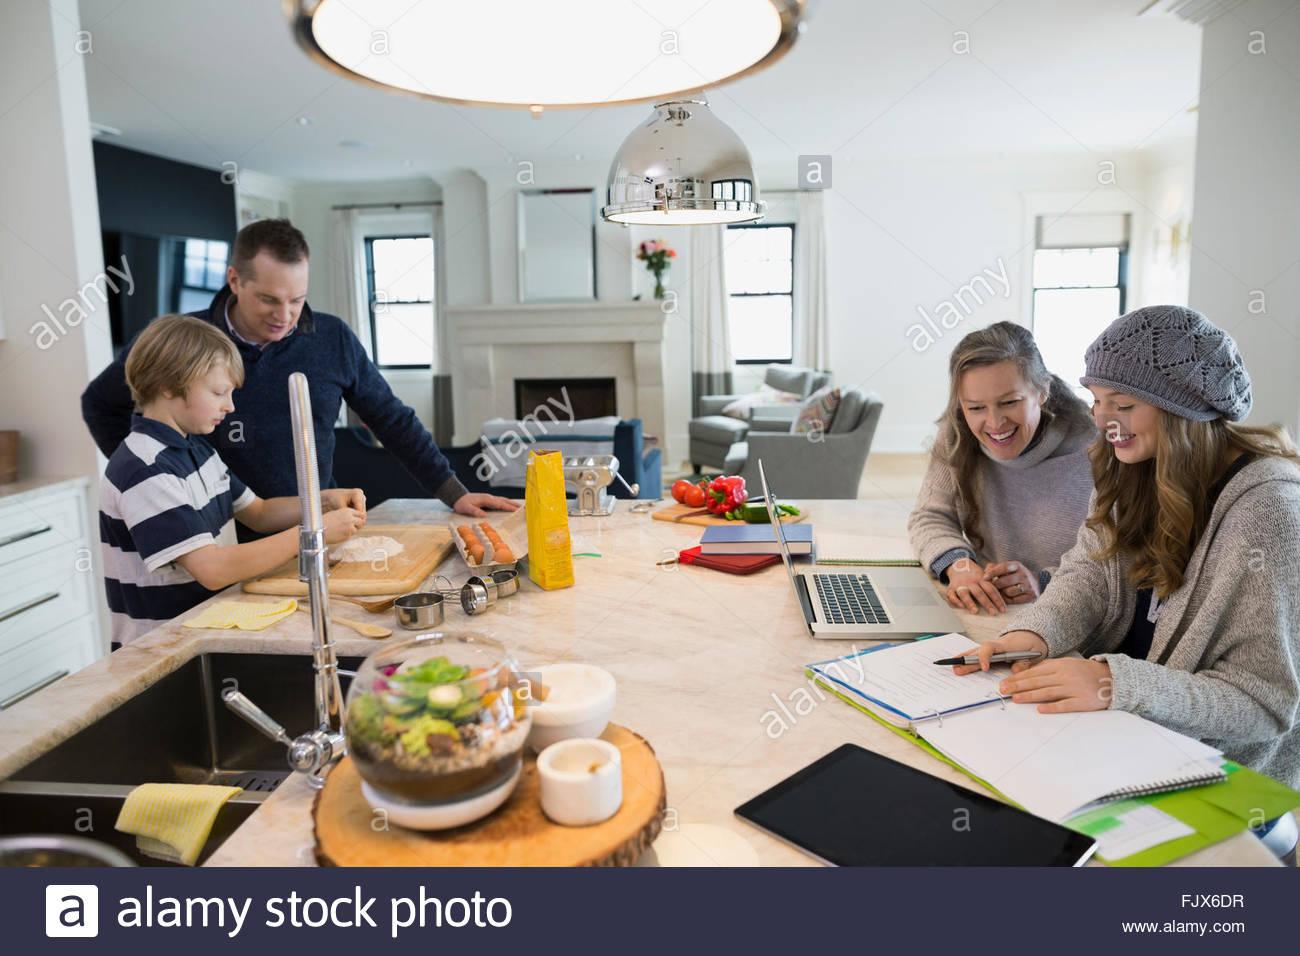 Famiglia la cottura e studiare a Isola per cucina Immagini Stock